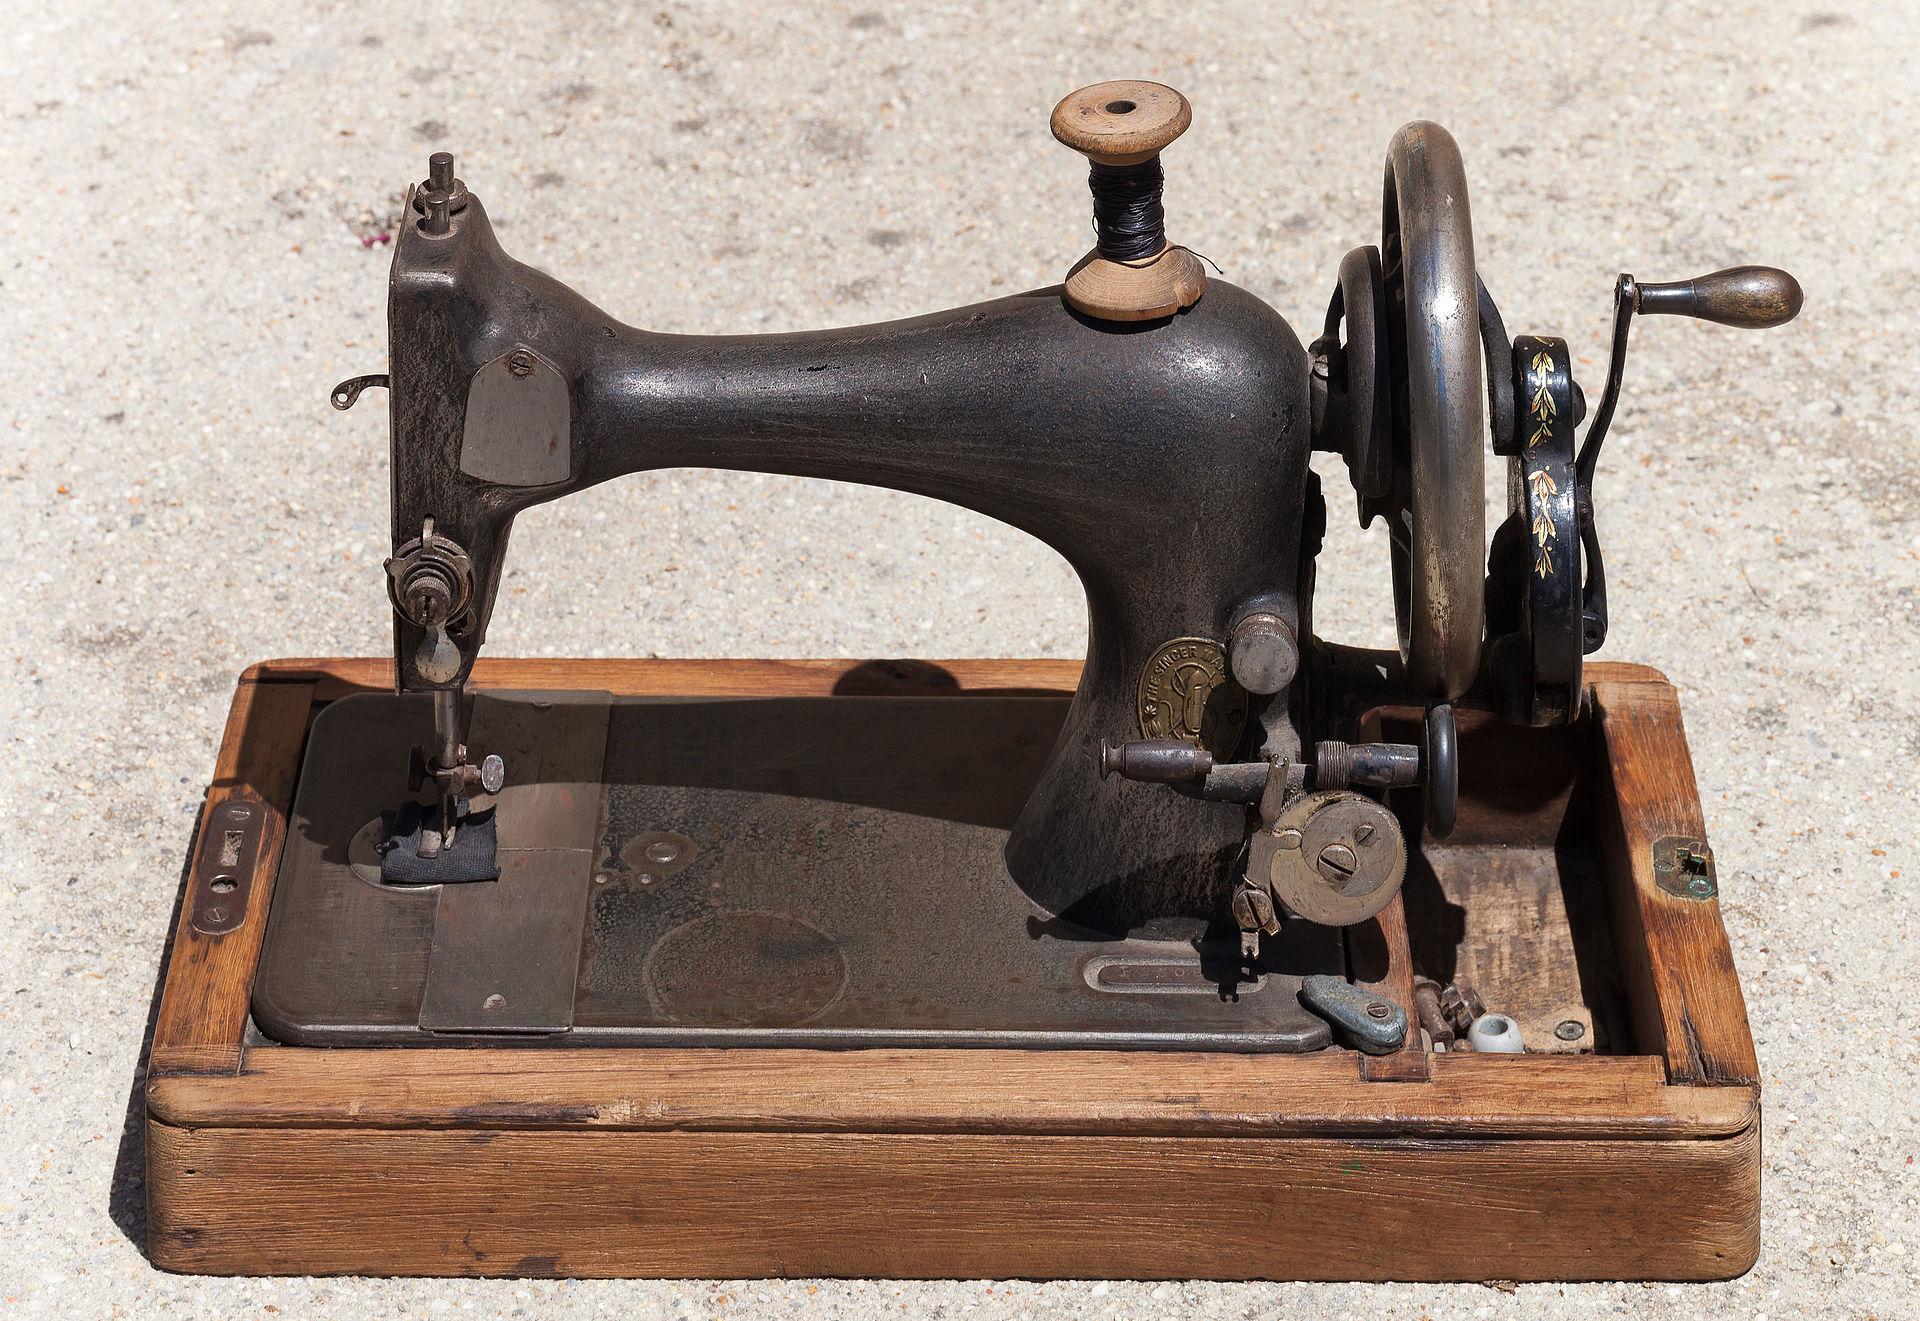 Máquina de coser Singer - Wikipedia, la enciclopedia libre